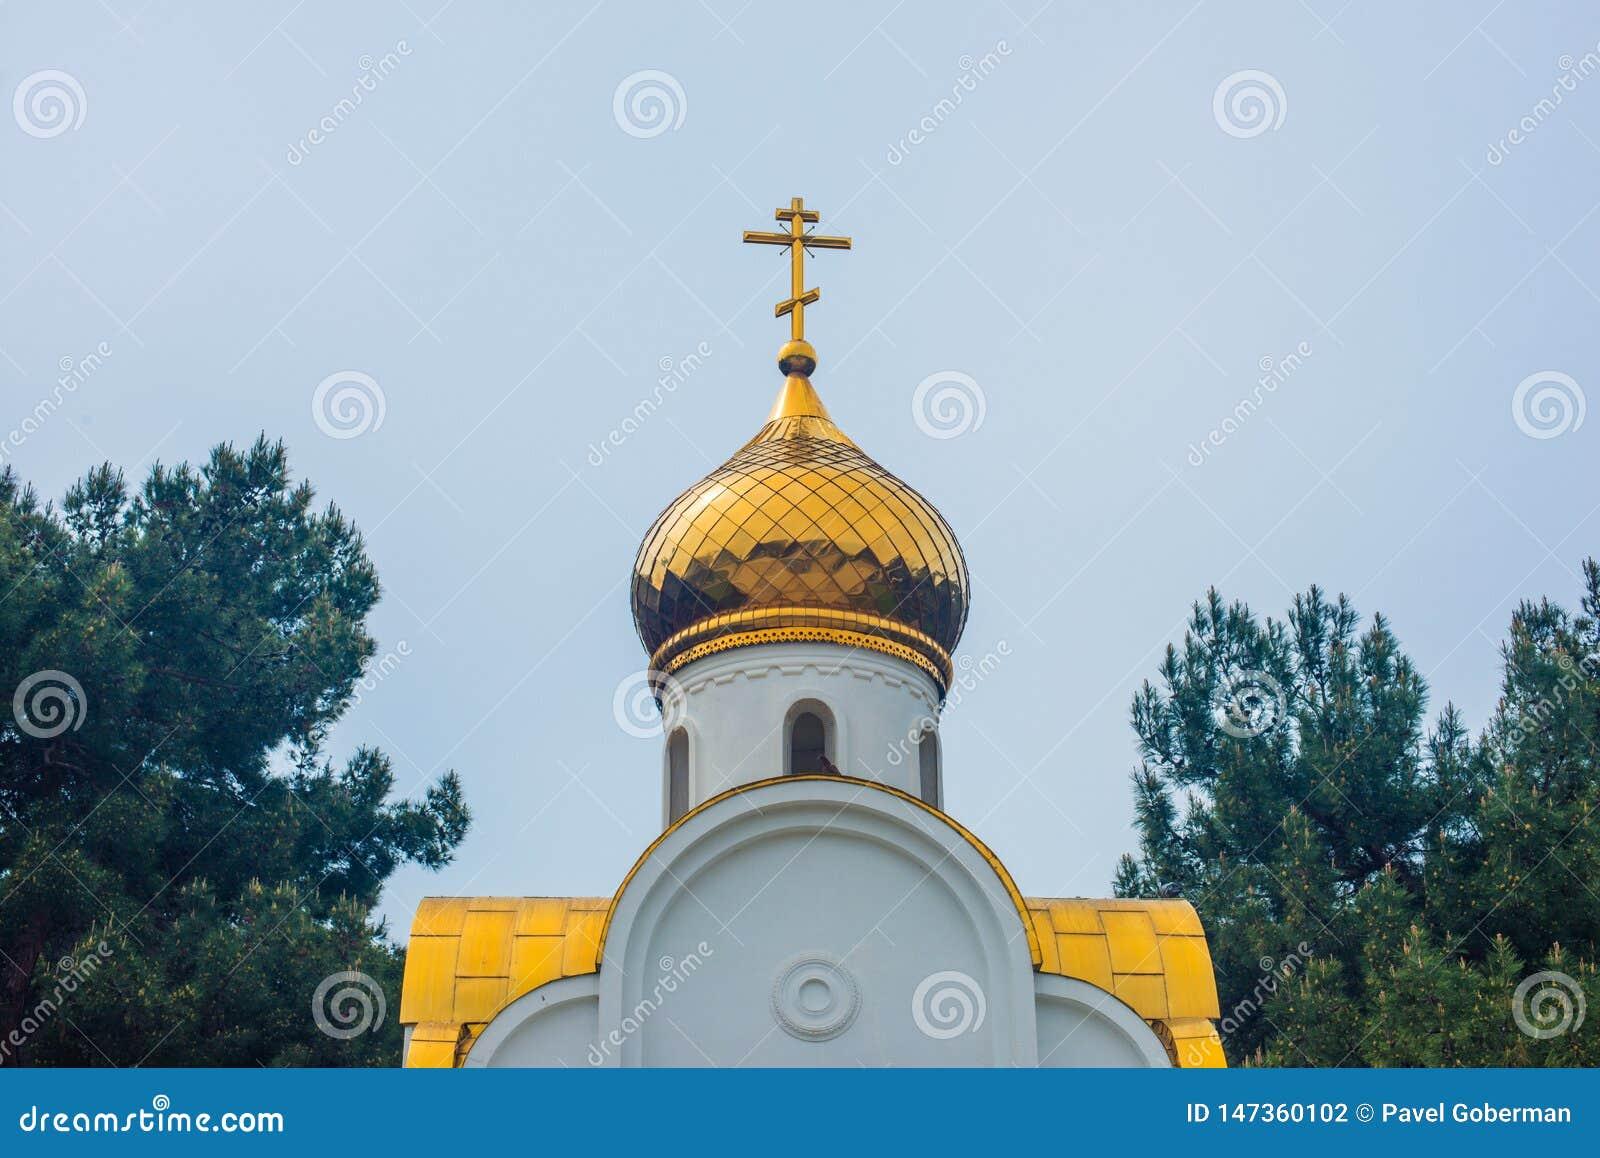 Ο θόλος του παρεκκλησιού του προφήτη Hosea στο τετράγωνο Σοβιετικών